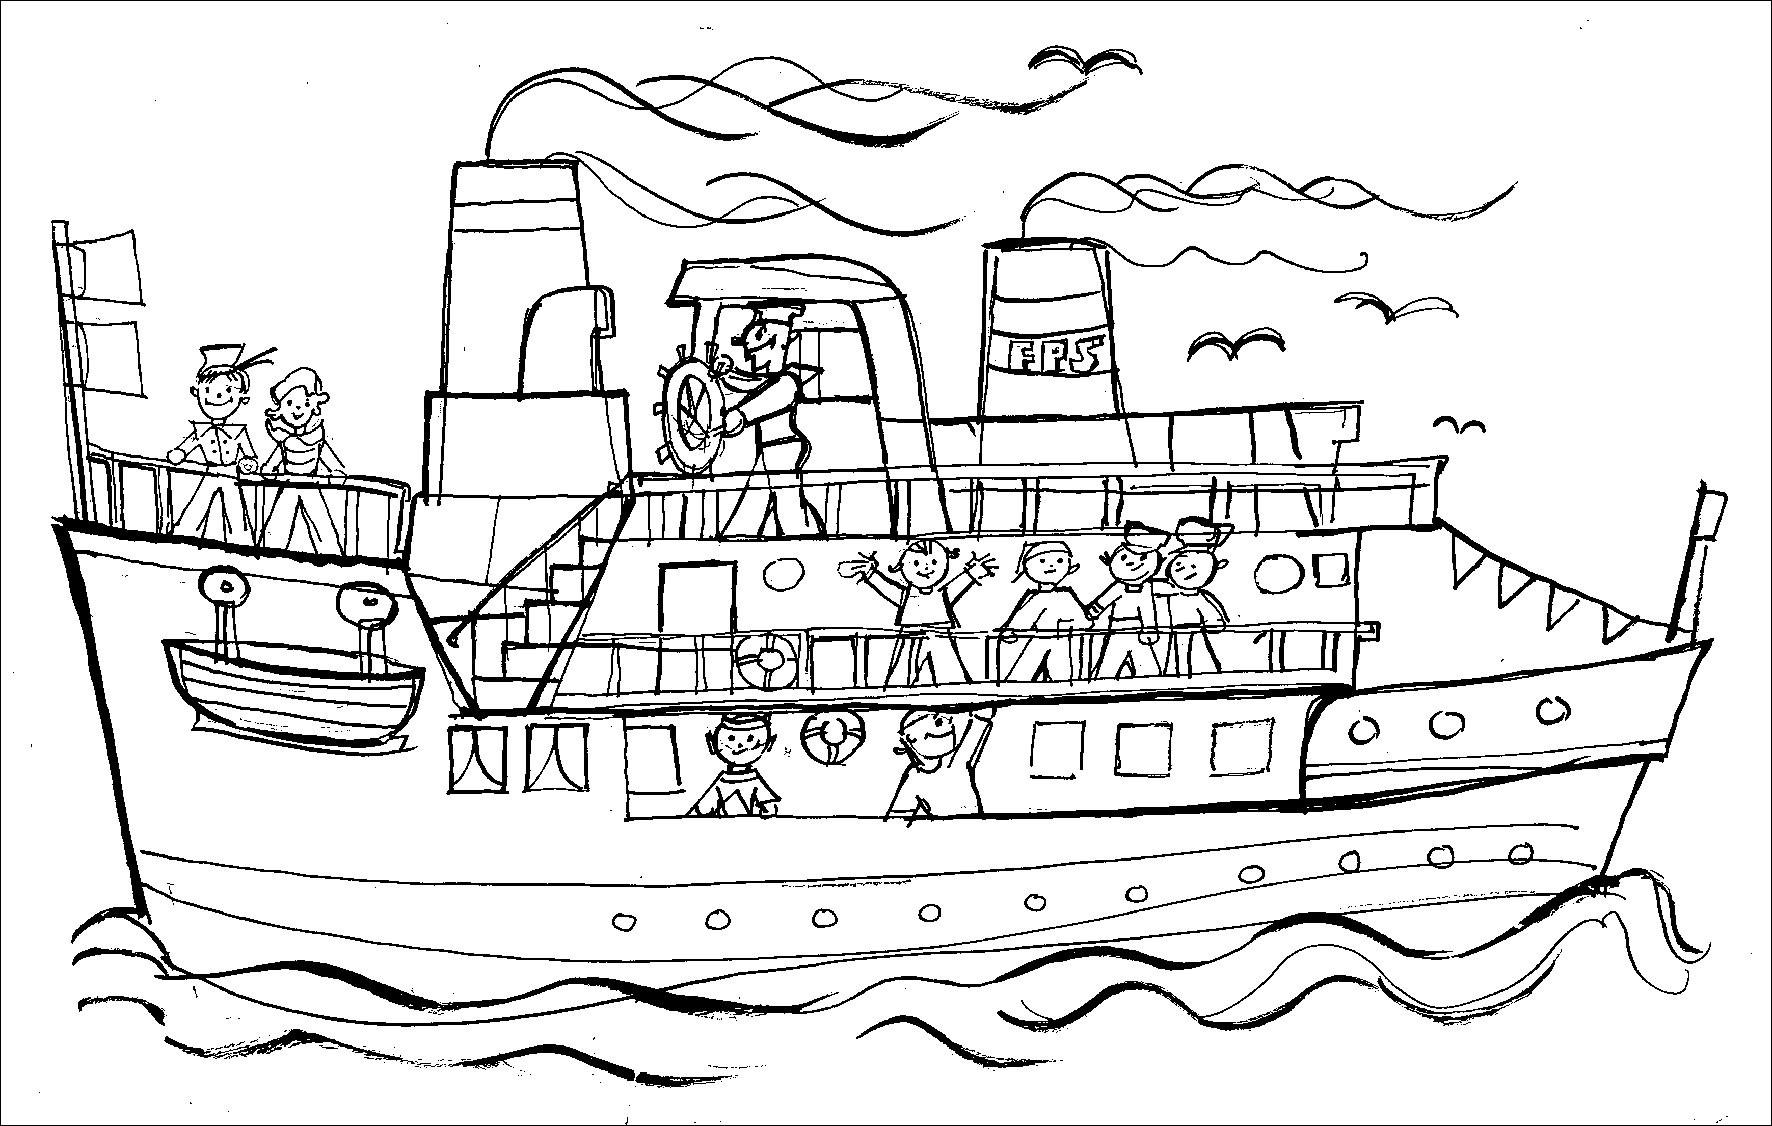 die 20 besten ideen für ausmalbilder schiff - beste